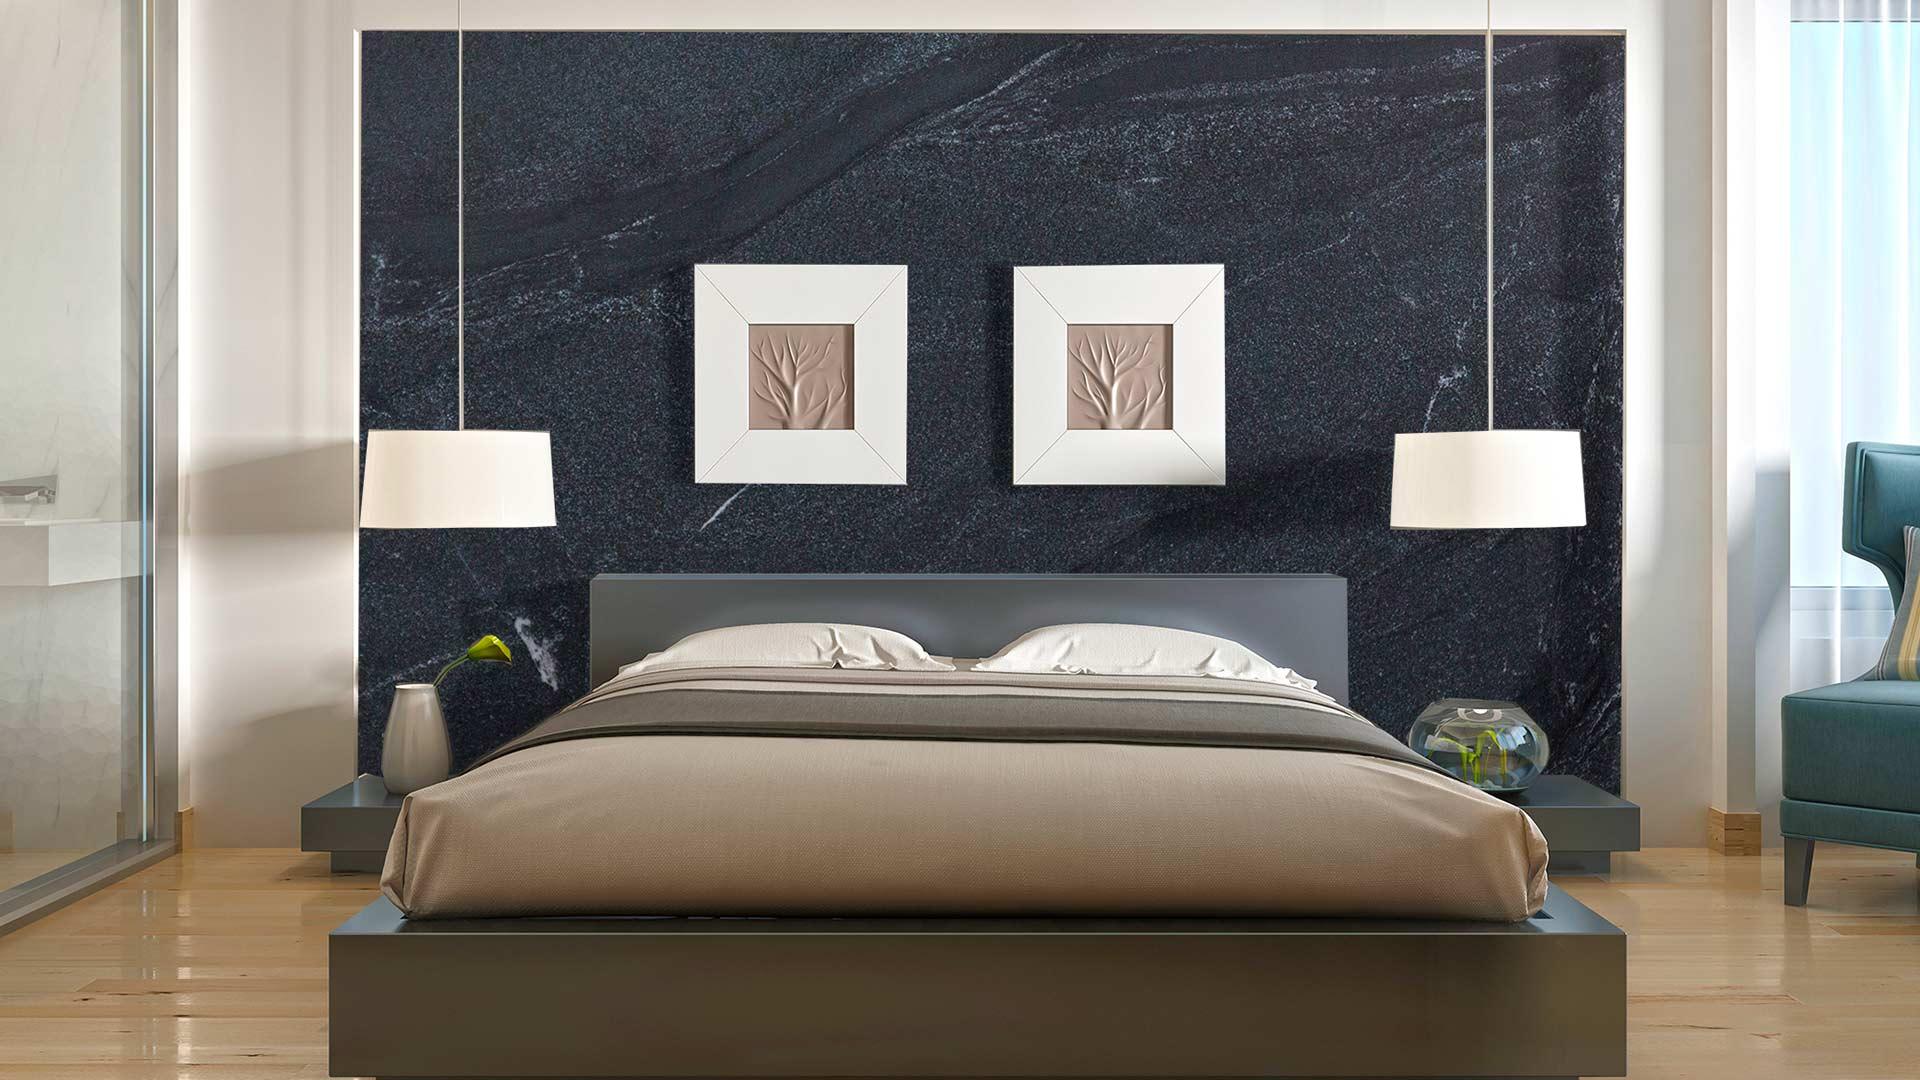 granite black misty bedroom